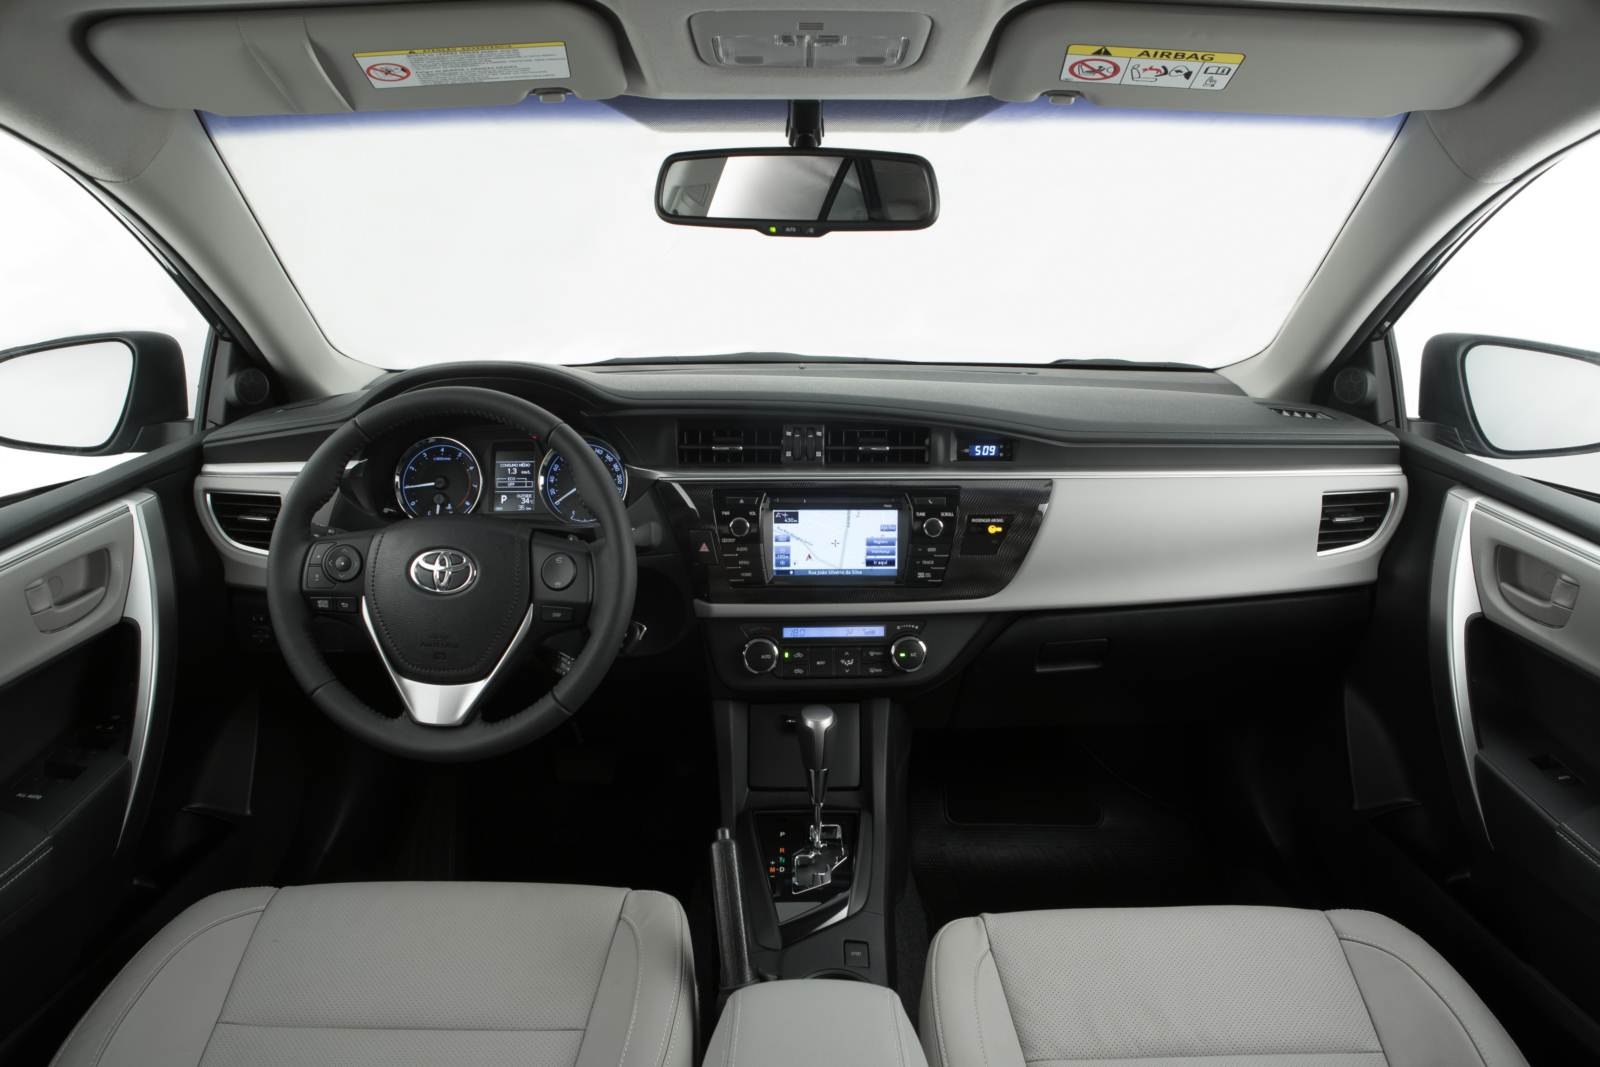 Novo Toyota Corolla 2015: vídeo oficial de apresentação ...  Novo Toyota Cor...